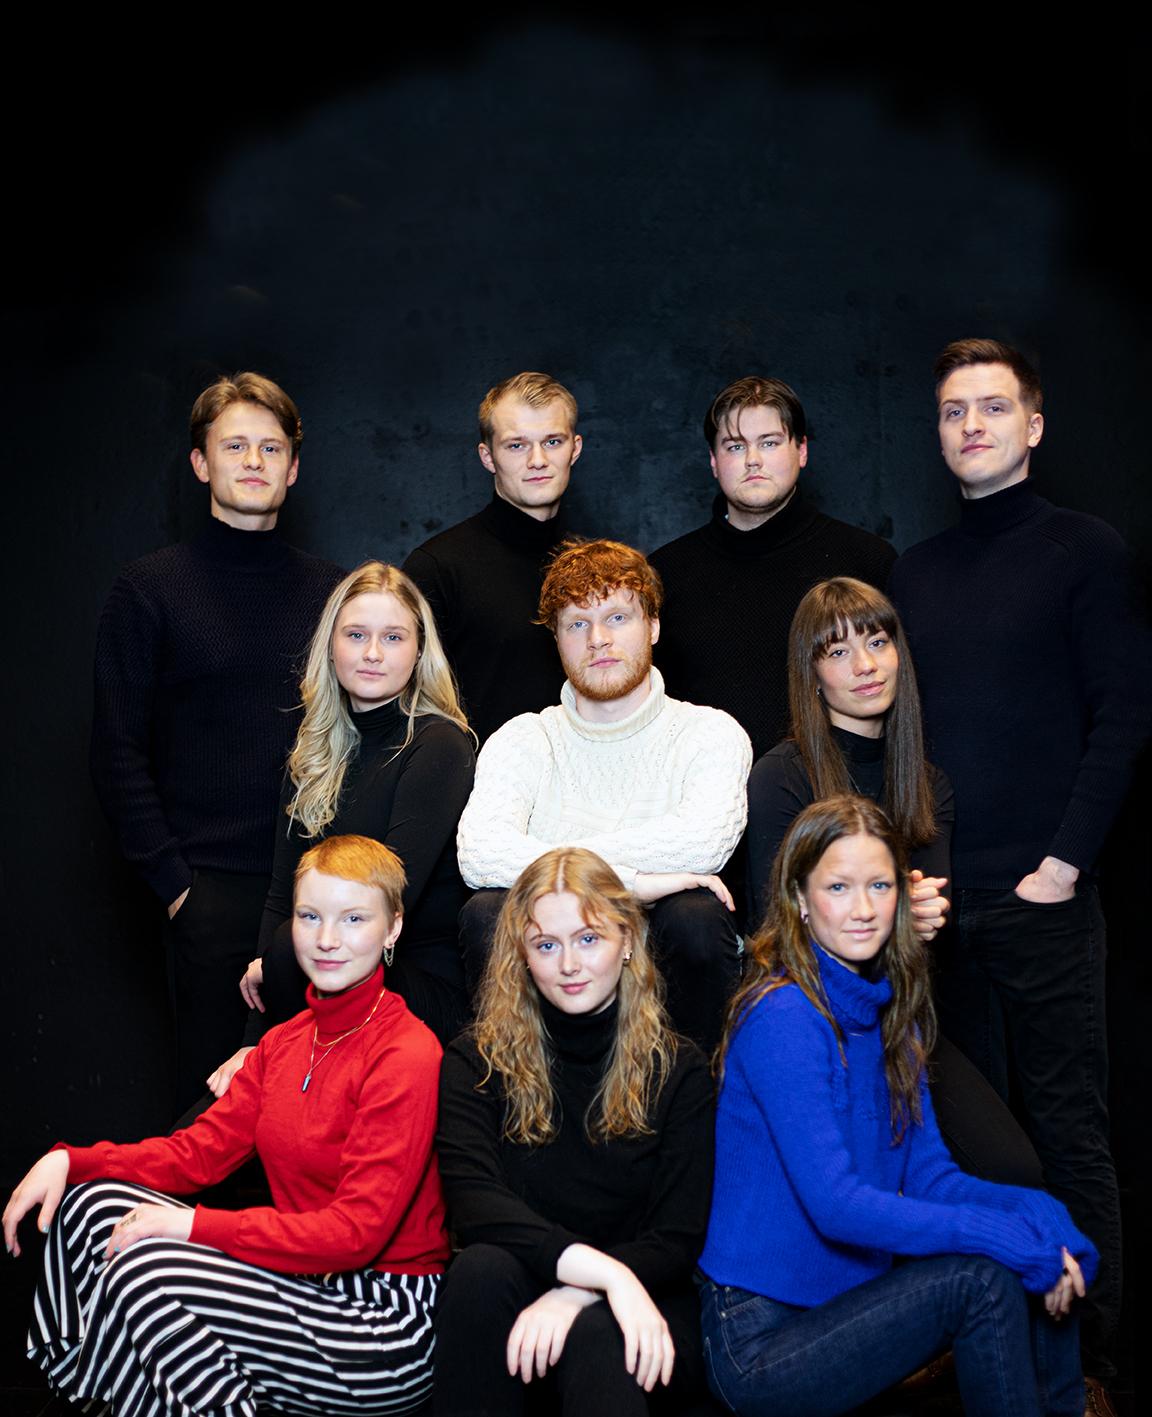 lhi_actors_antjetaiga2_s.jpg